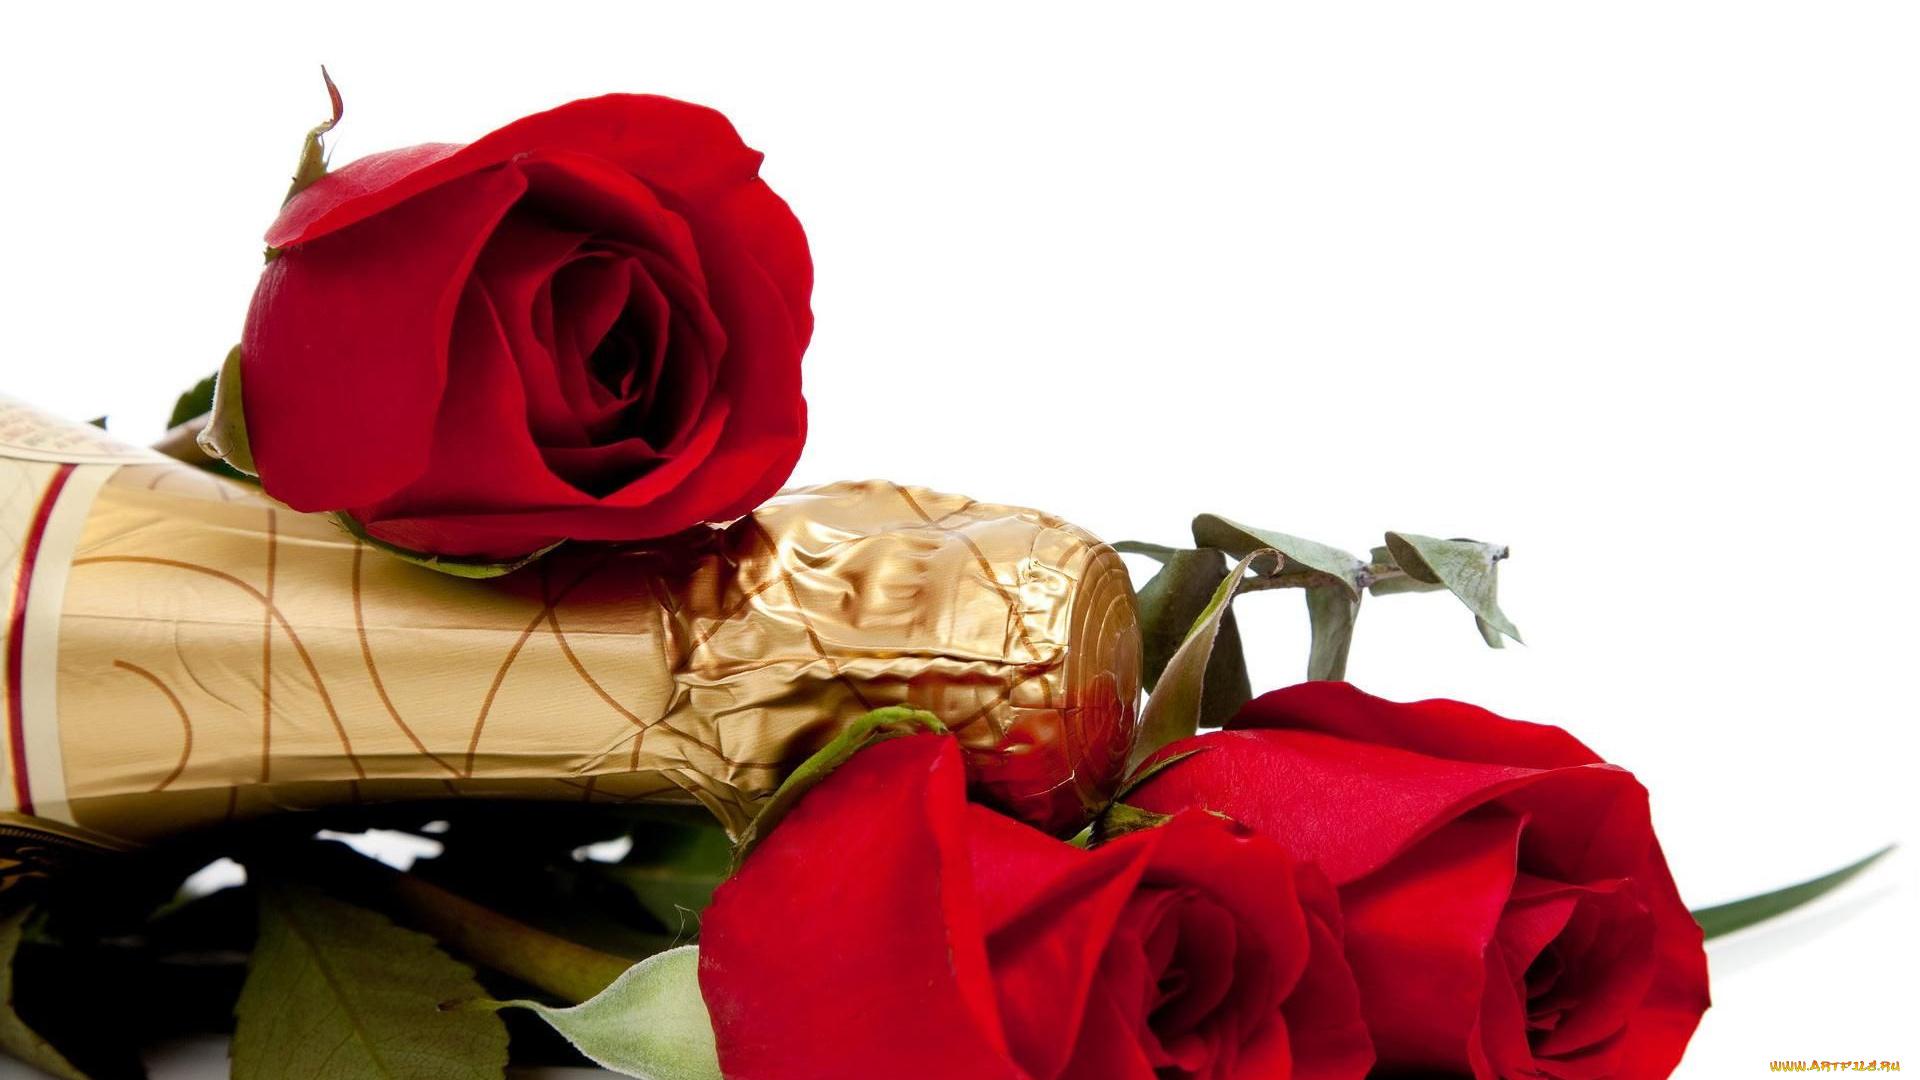 Пеппа приколы, розы и подарок картинки с надписями